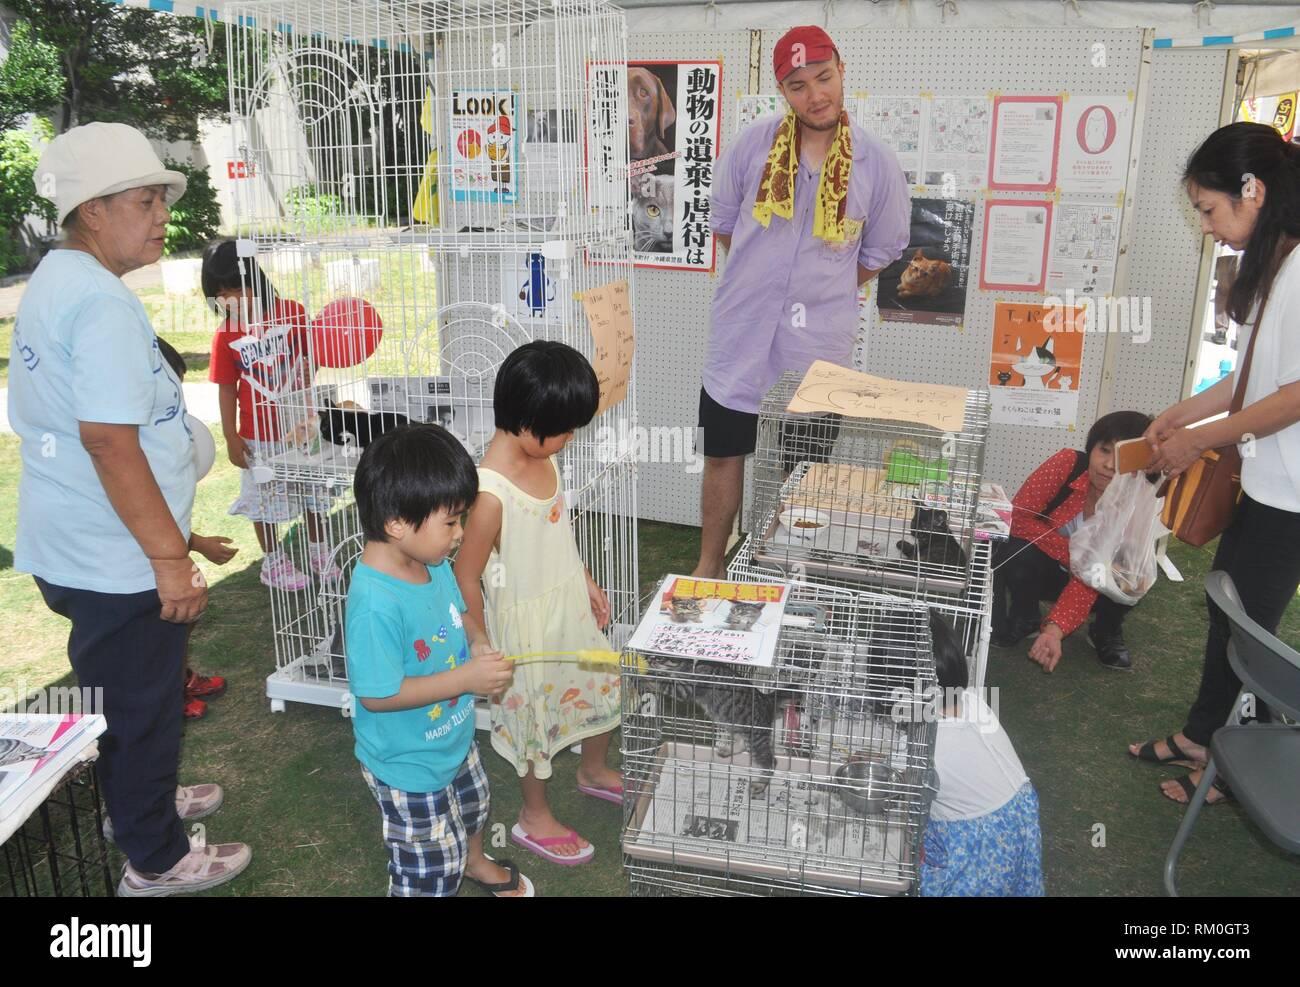 Naha, Okinawa, Japan: stray cats adoption event - Stock Image